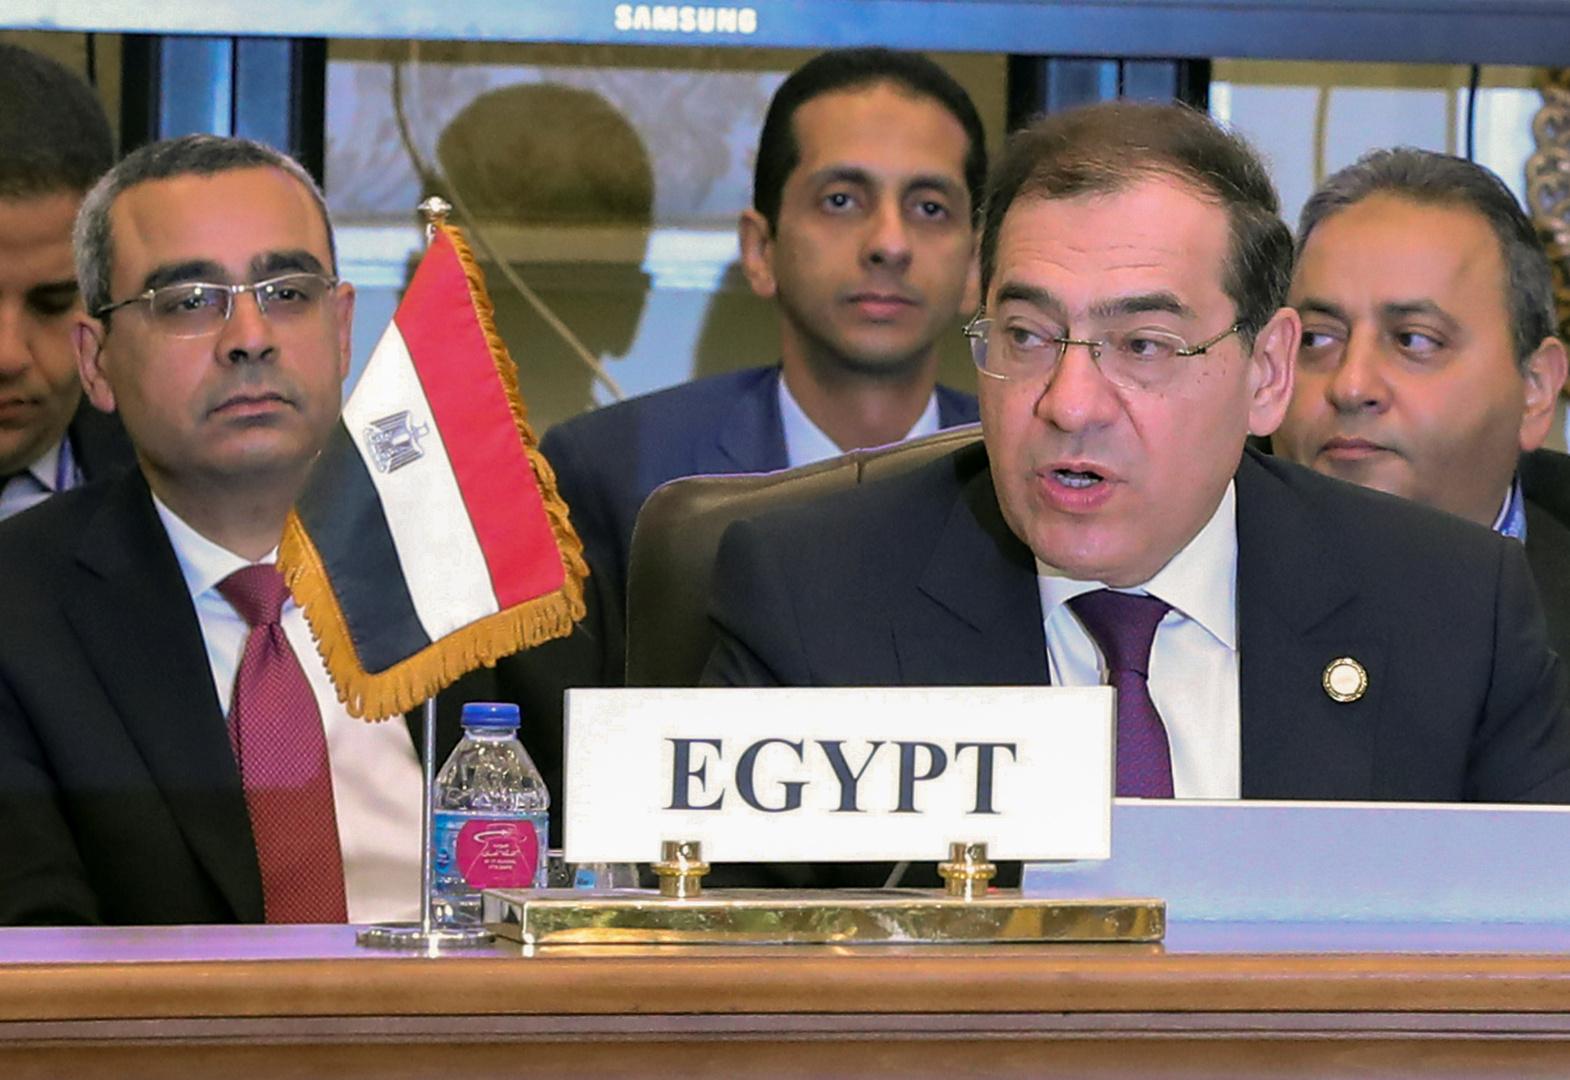 وزير البترول المصري يكشف عن الاستعداد لتوقيع 12 اتفاقية للبحث عن الغاز والبترول بينها 6 بشرق المتوسط